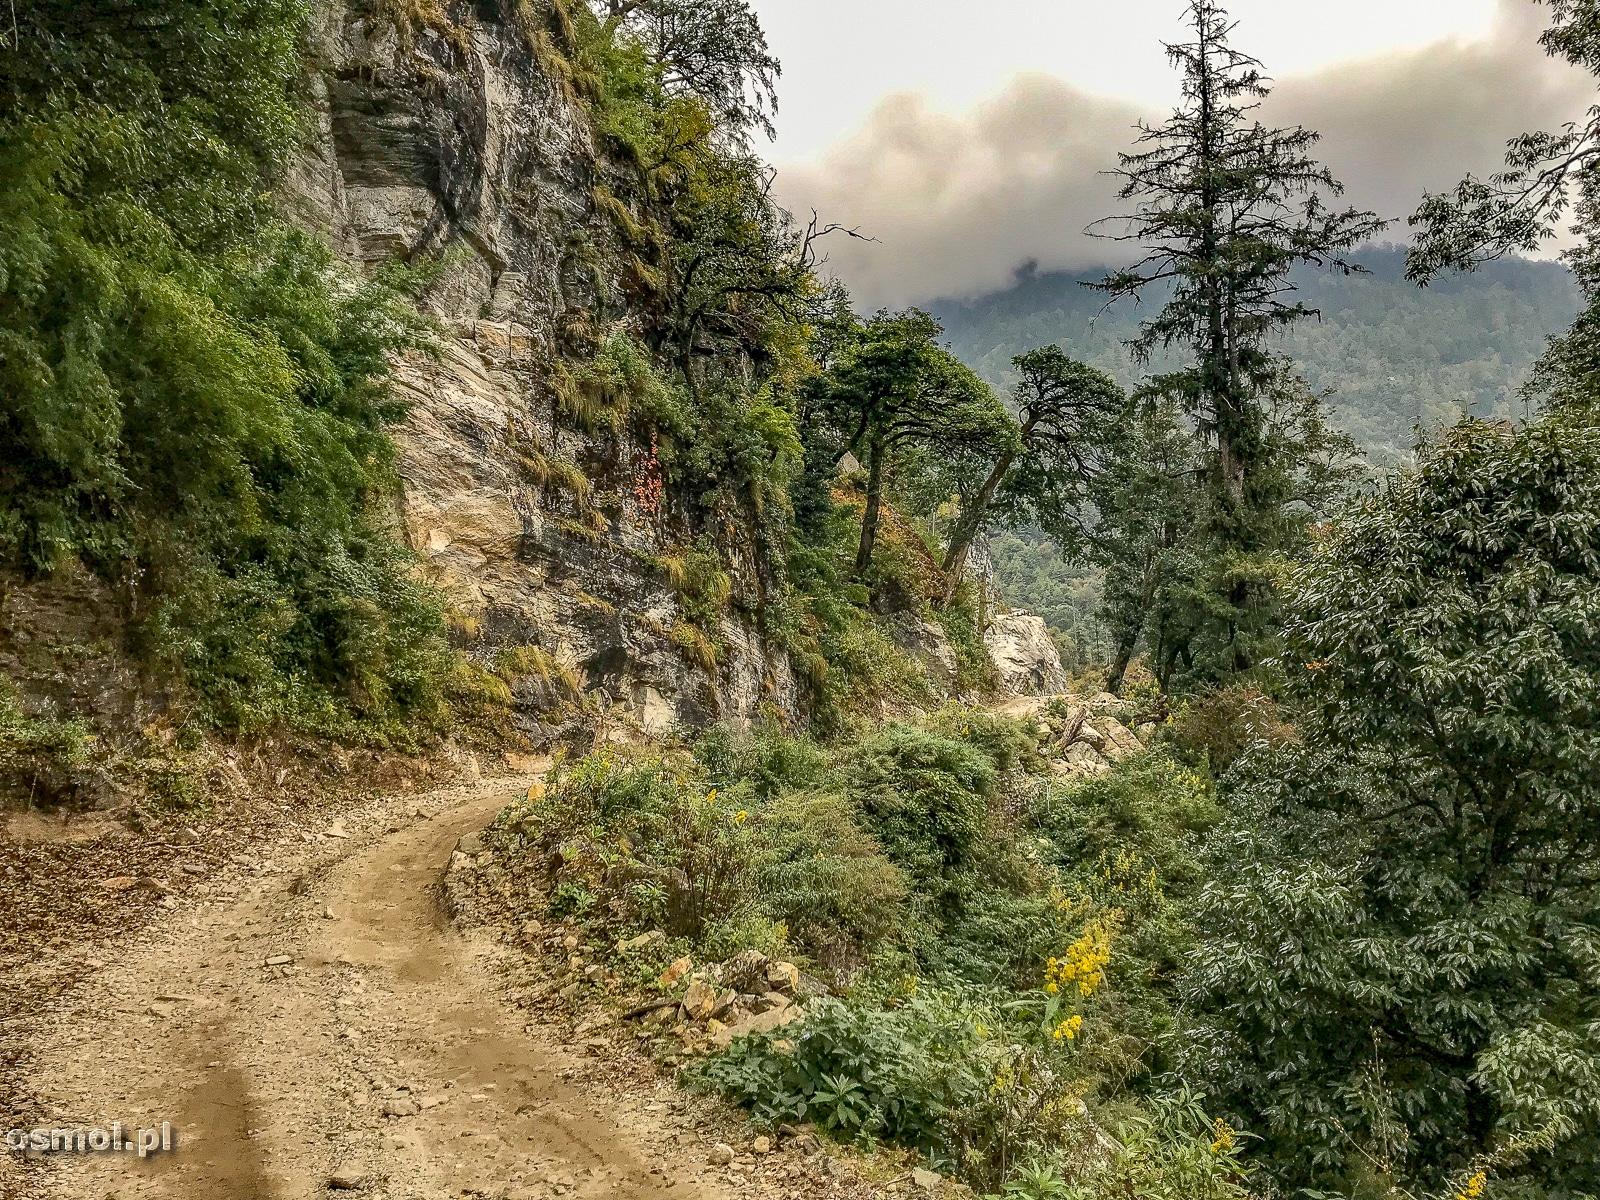 Droga na szlaku dookoła Annapurny.